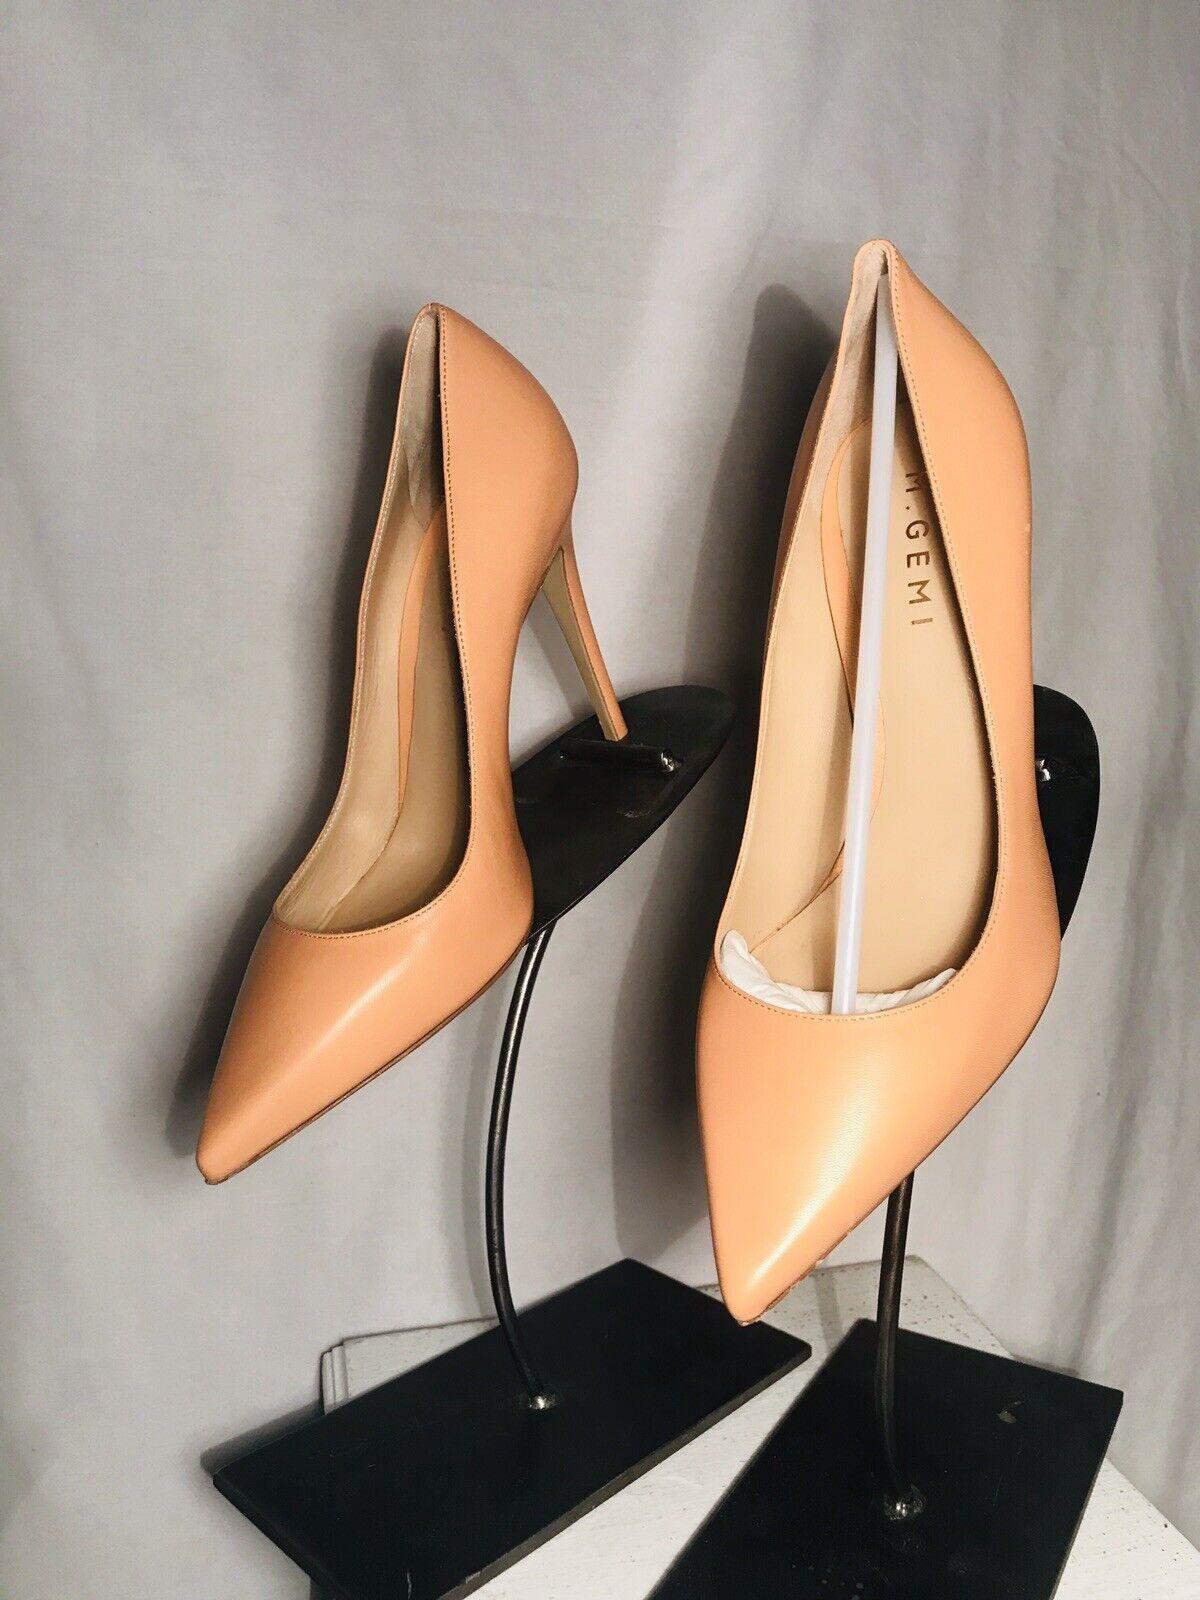 fino al 70% di sconto donna's  278 278 278 M. Gemi The Cammeo Peach Napa Pumps Heels  Dimensione 8.5M  economico e di alta qualità